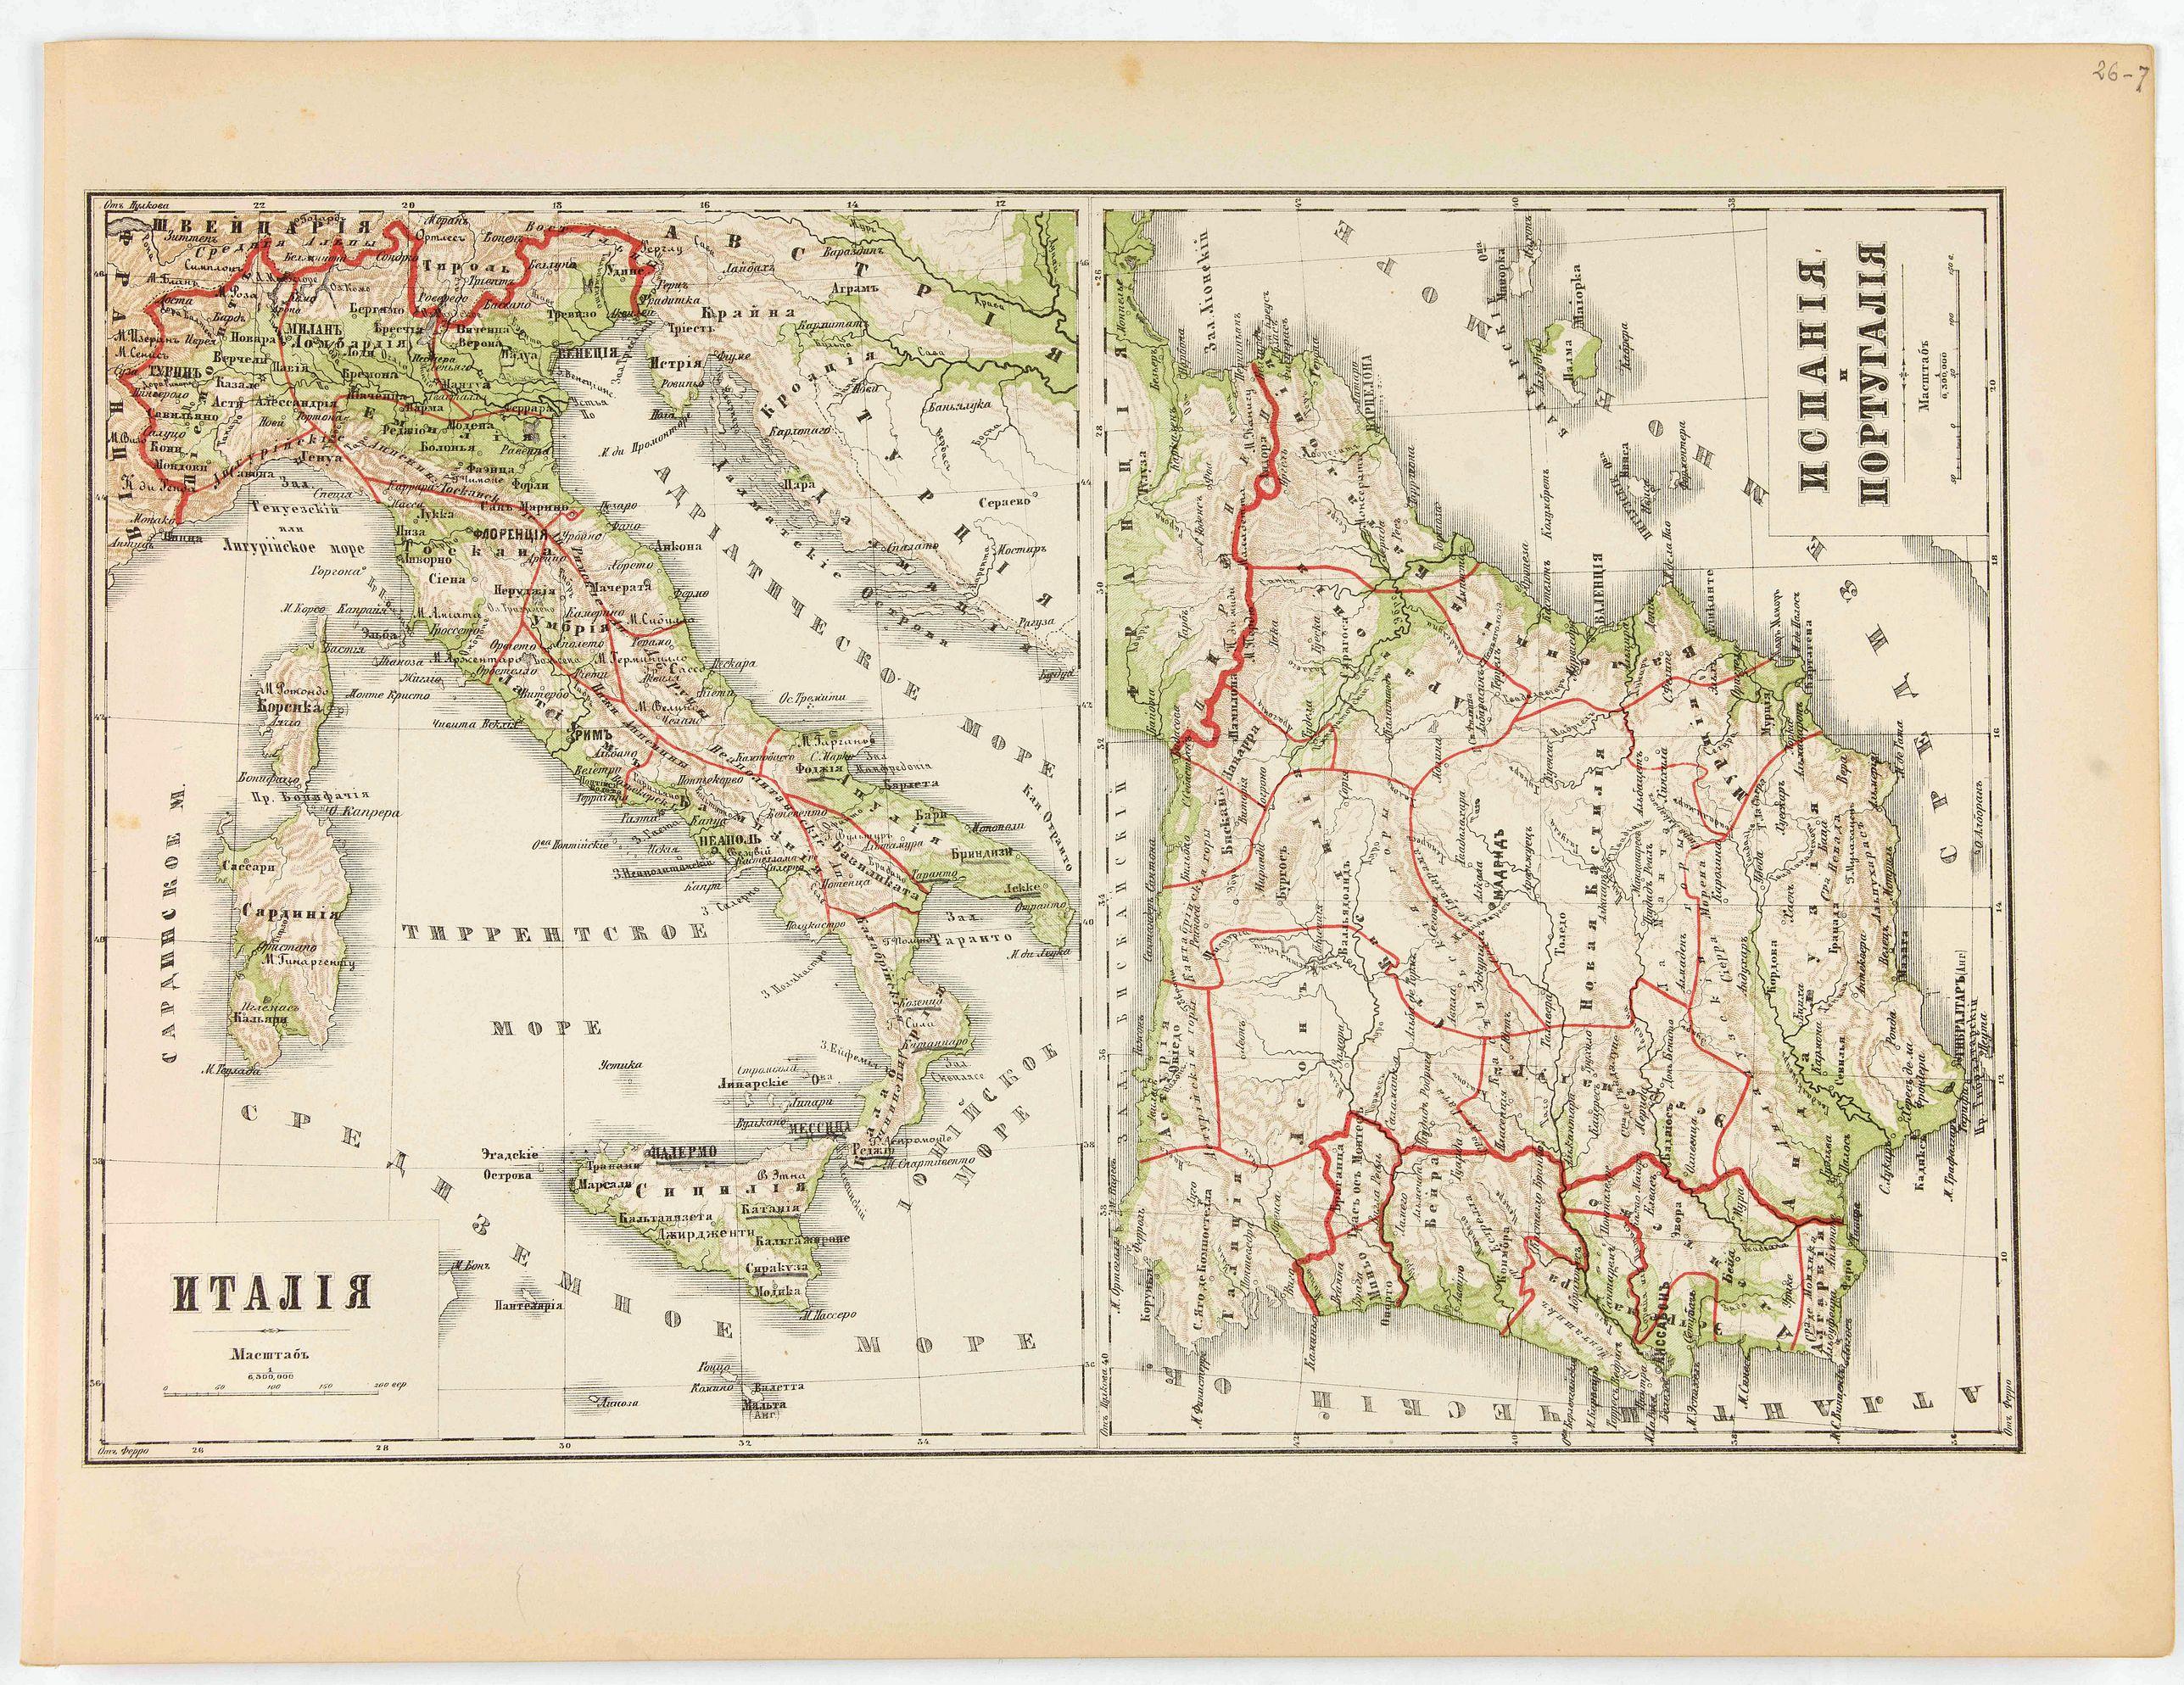 ILYIN, A. -  [Italy and Spain/ Portugal].